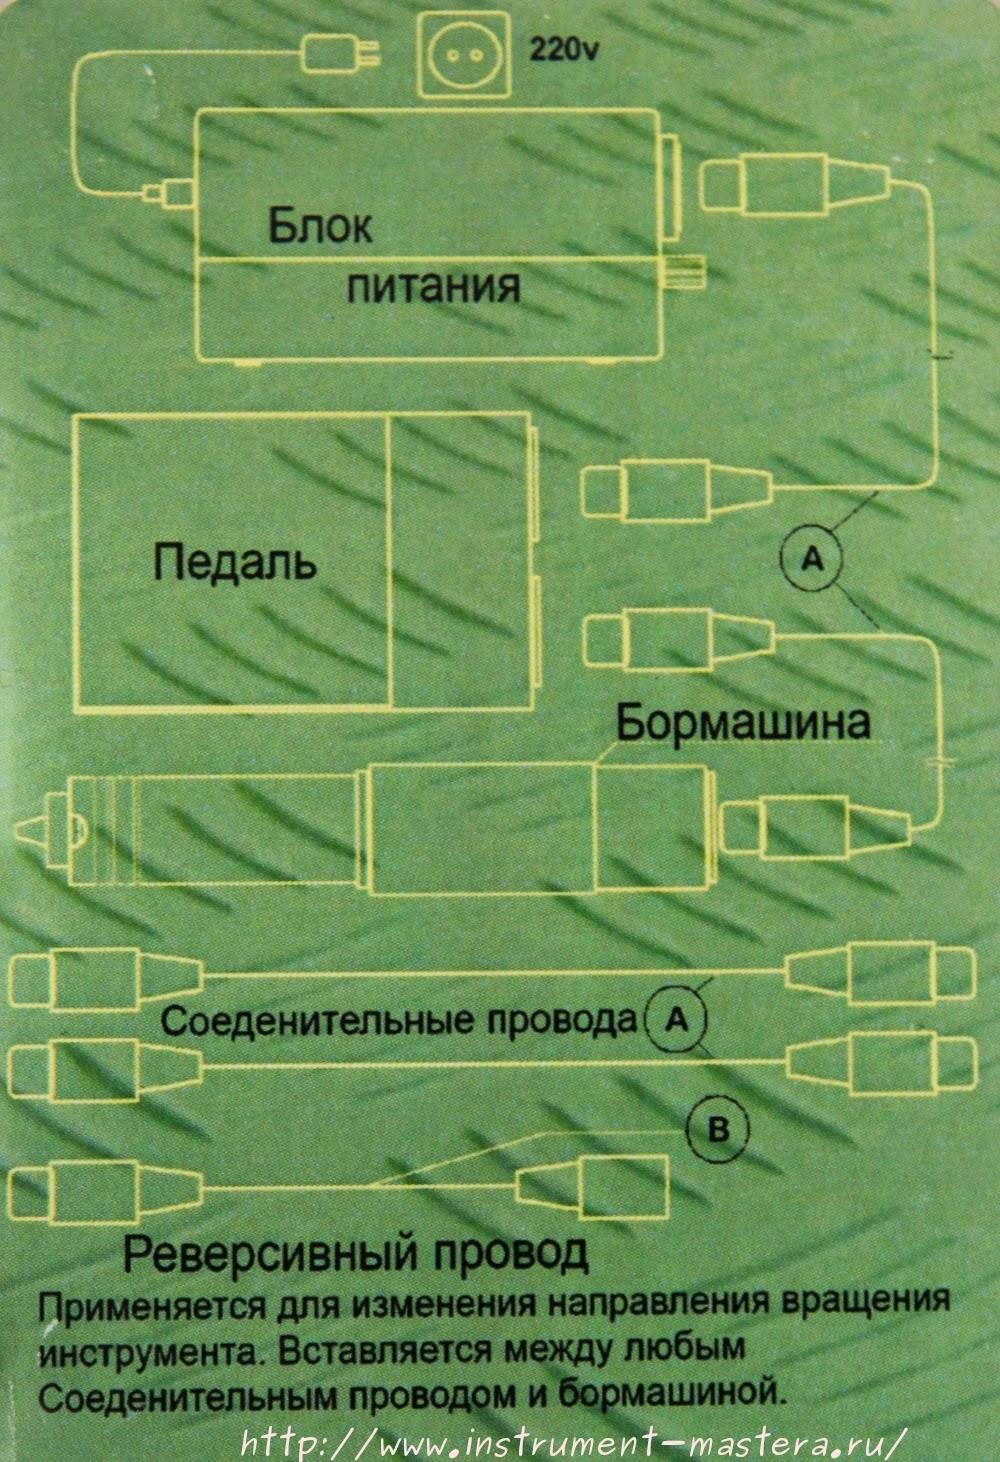 Бормашинка Профиль